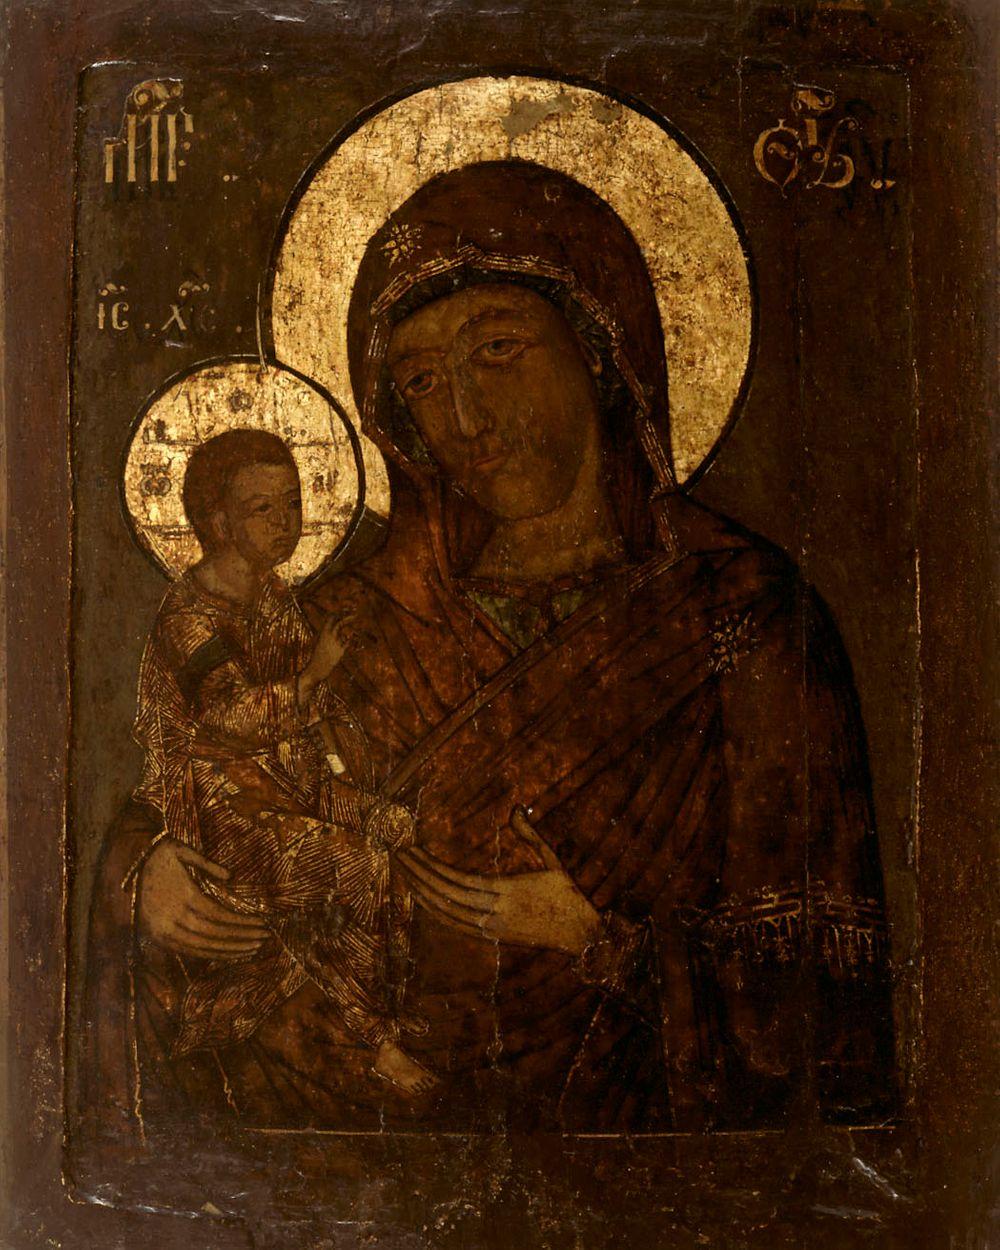 Jerusalemin Jumalanäiti, (Hodigitria), venäläinen ikoni